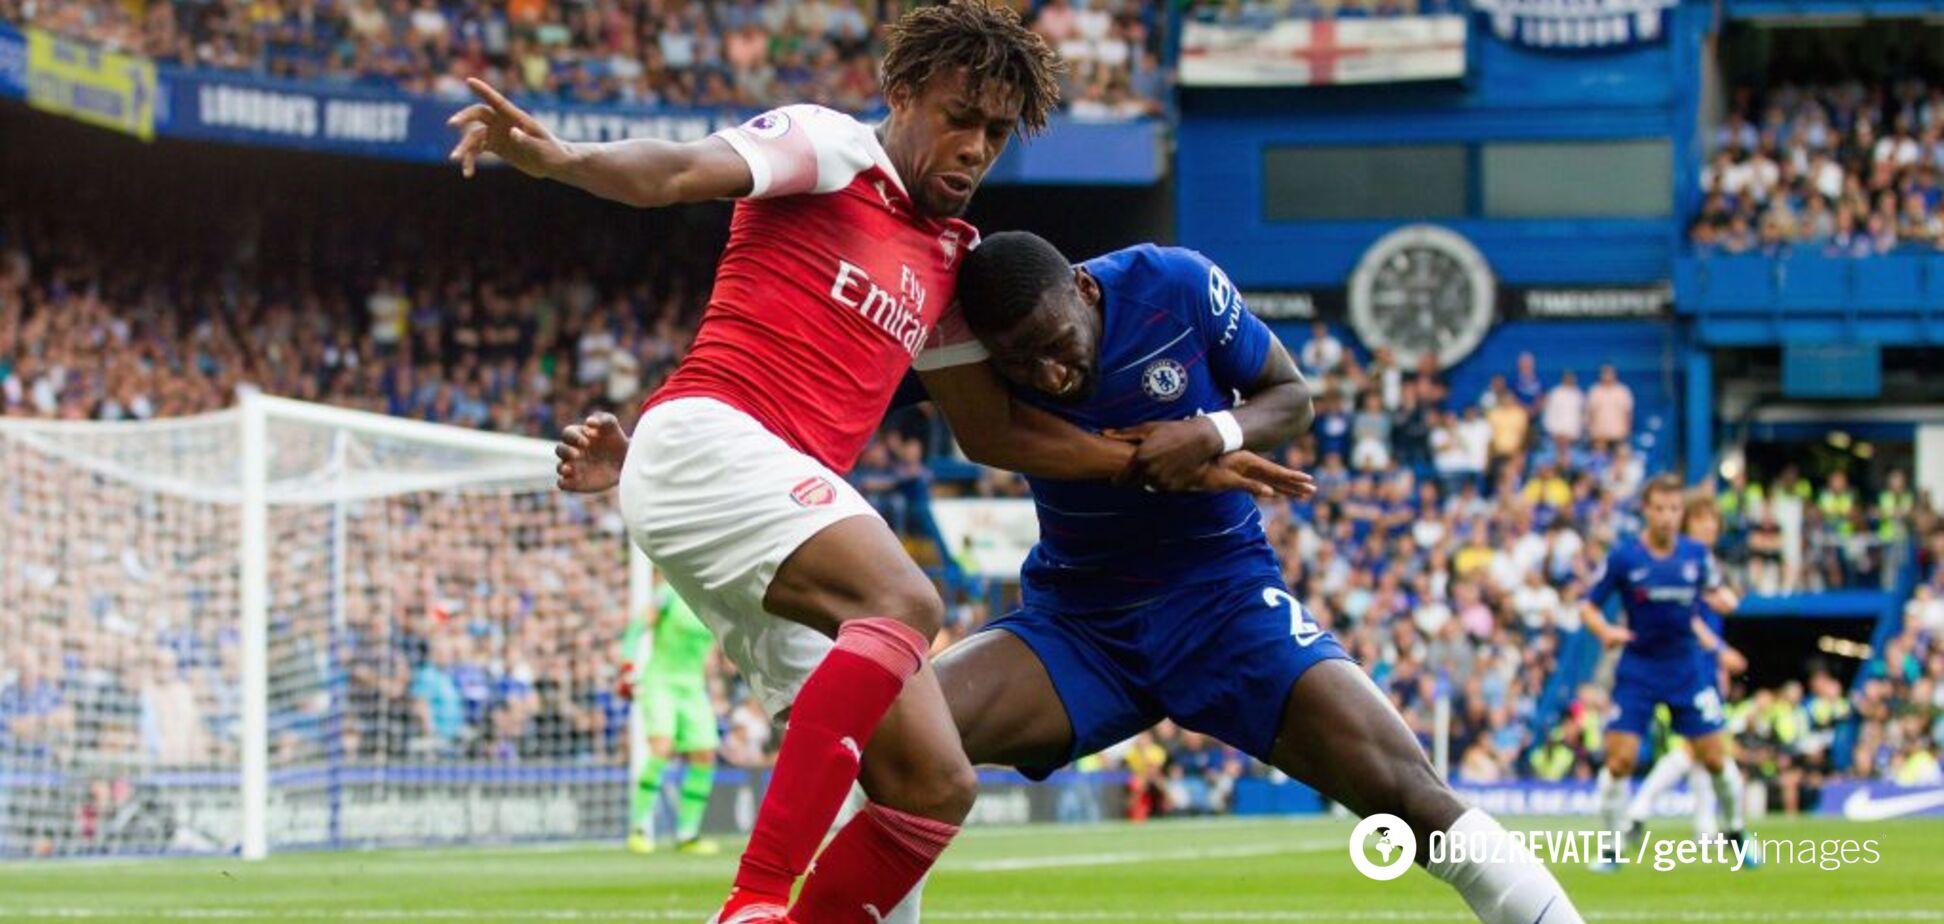 Где смотреть онлайн финал Лиги Европы Челси – Арсенал: расписание трансляций